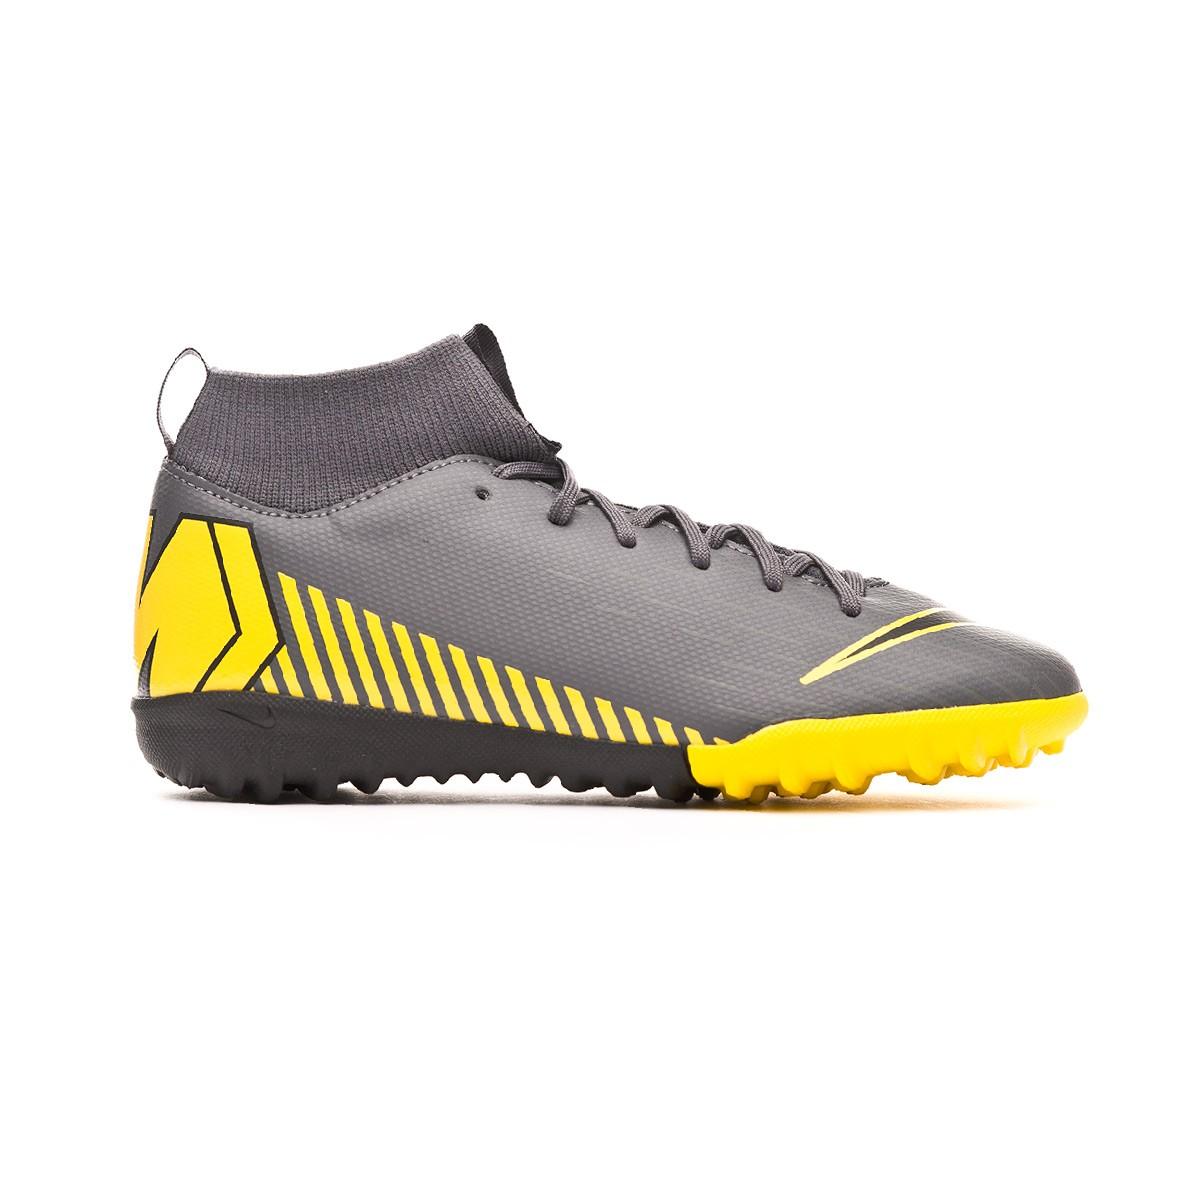 Sapatilhas Nike Mercurial SuperflyX VI Academy Turf Crianças